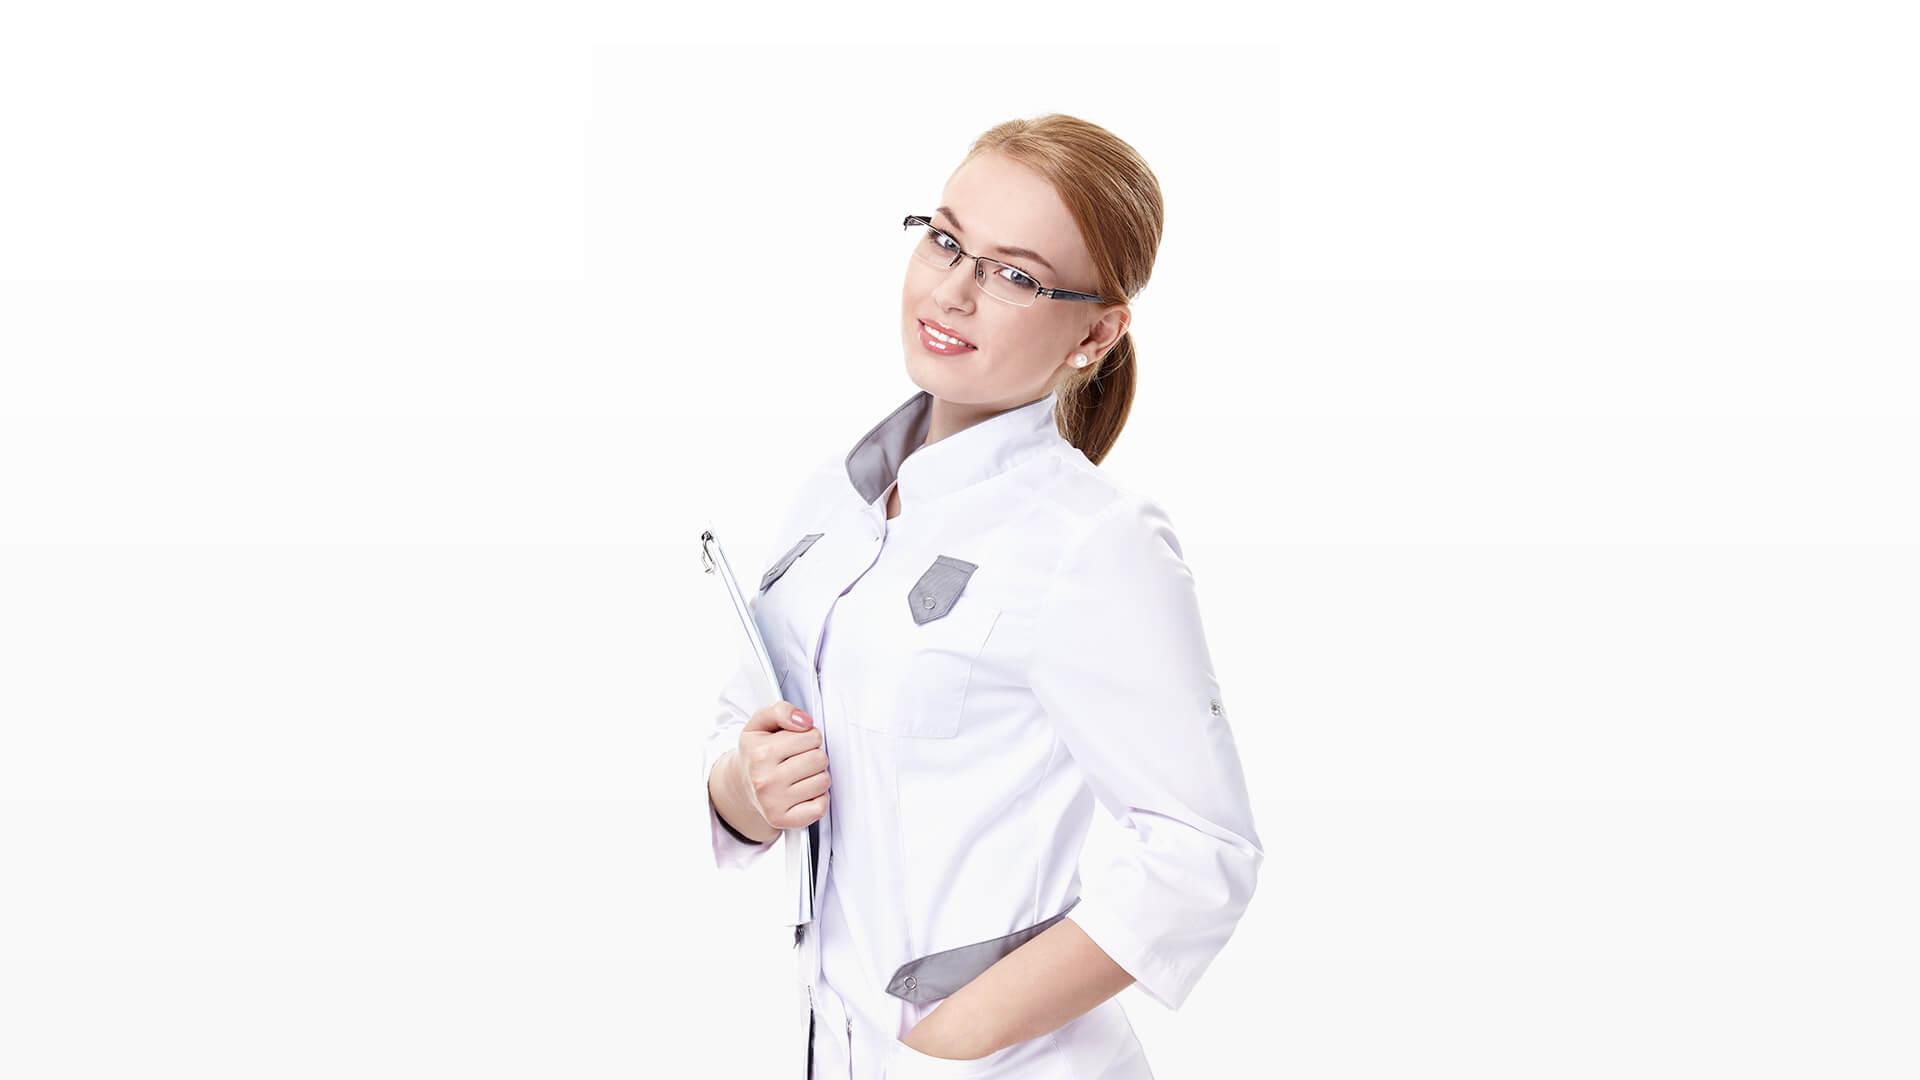 Dr. Maryann Barrett